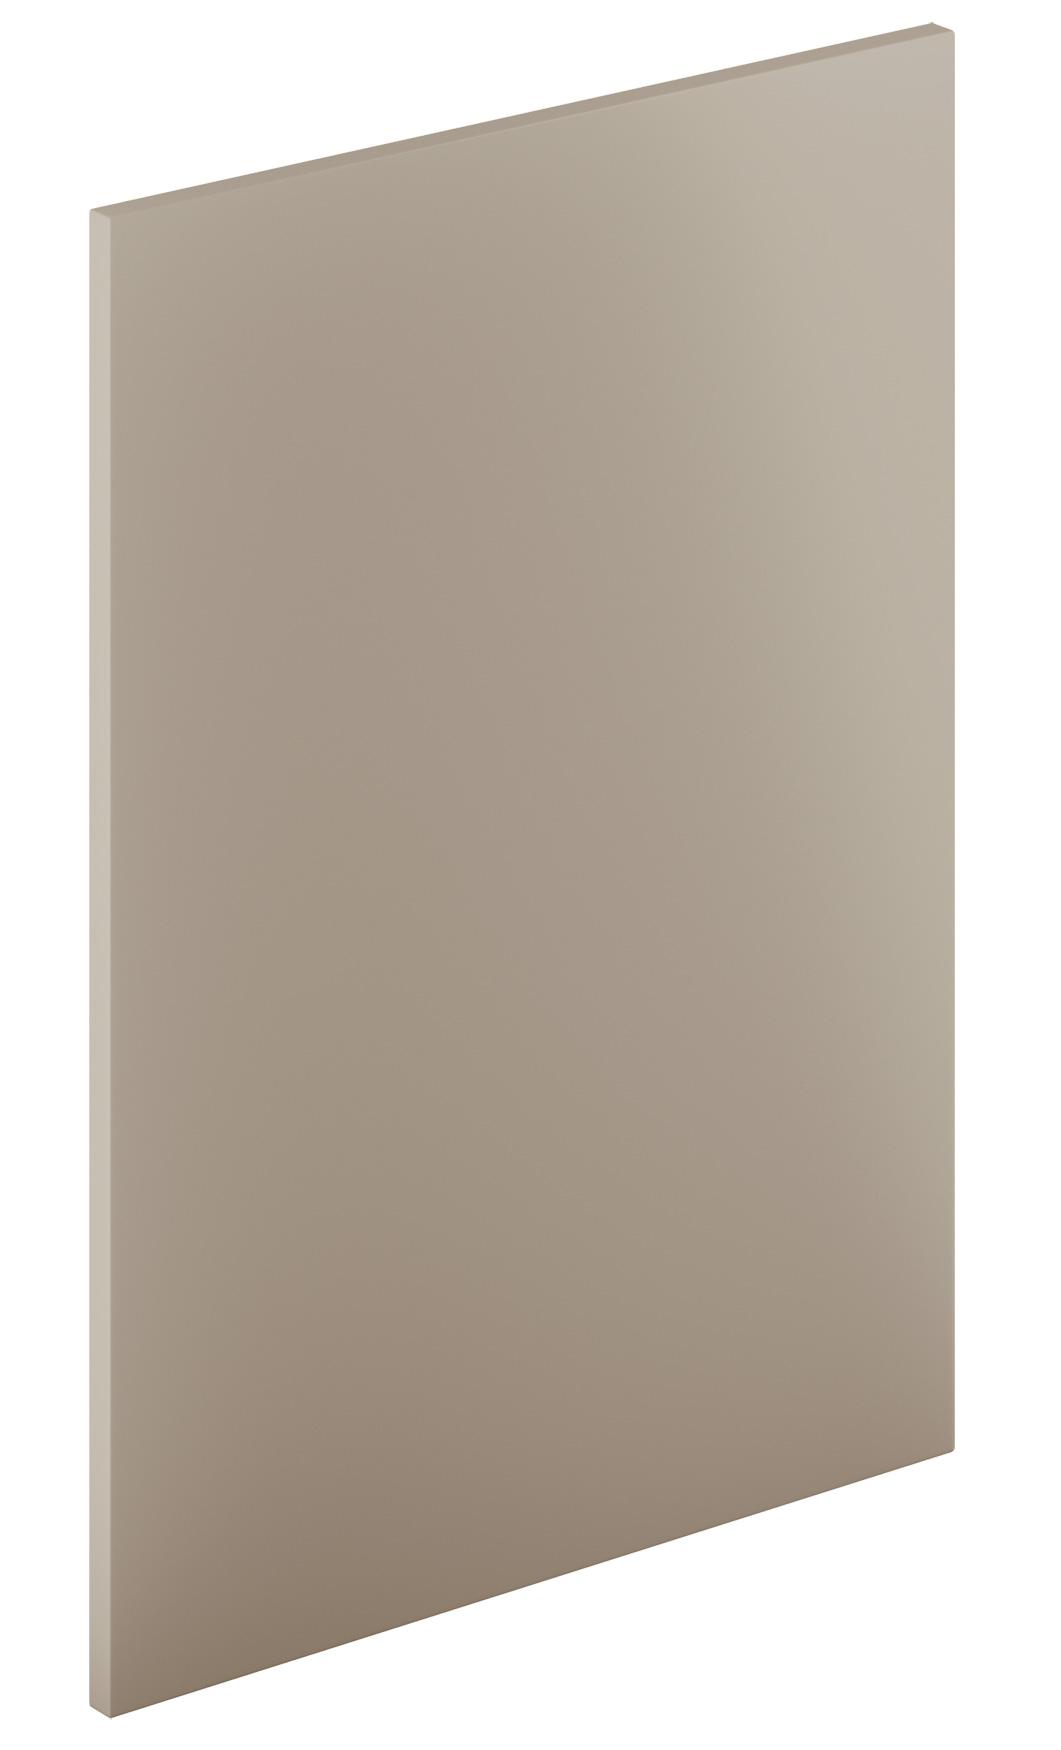 lusso-stone-grey-door